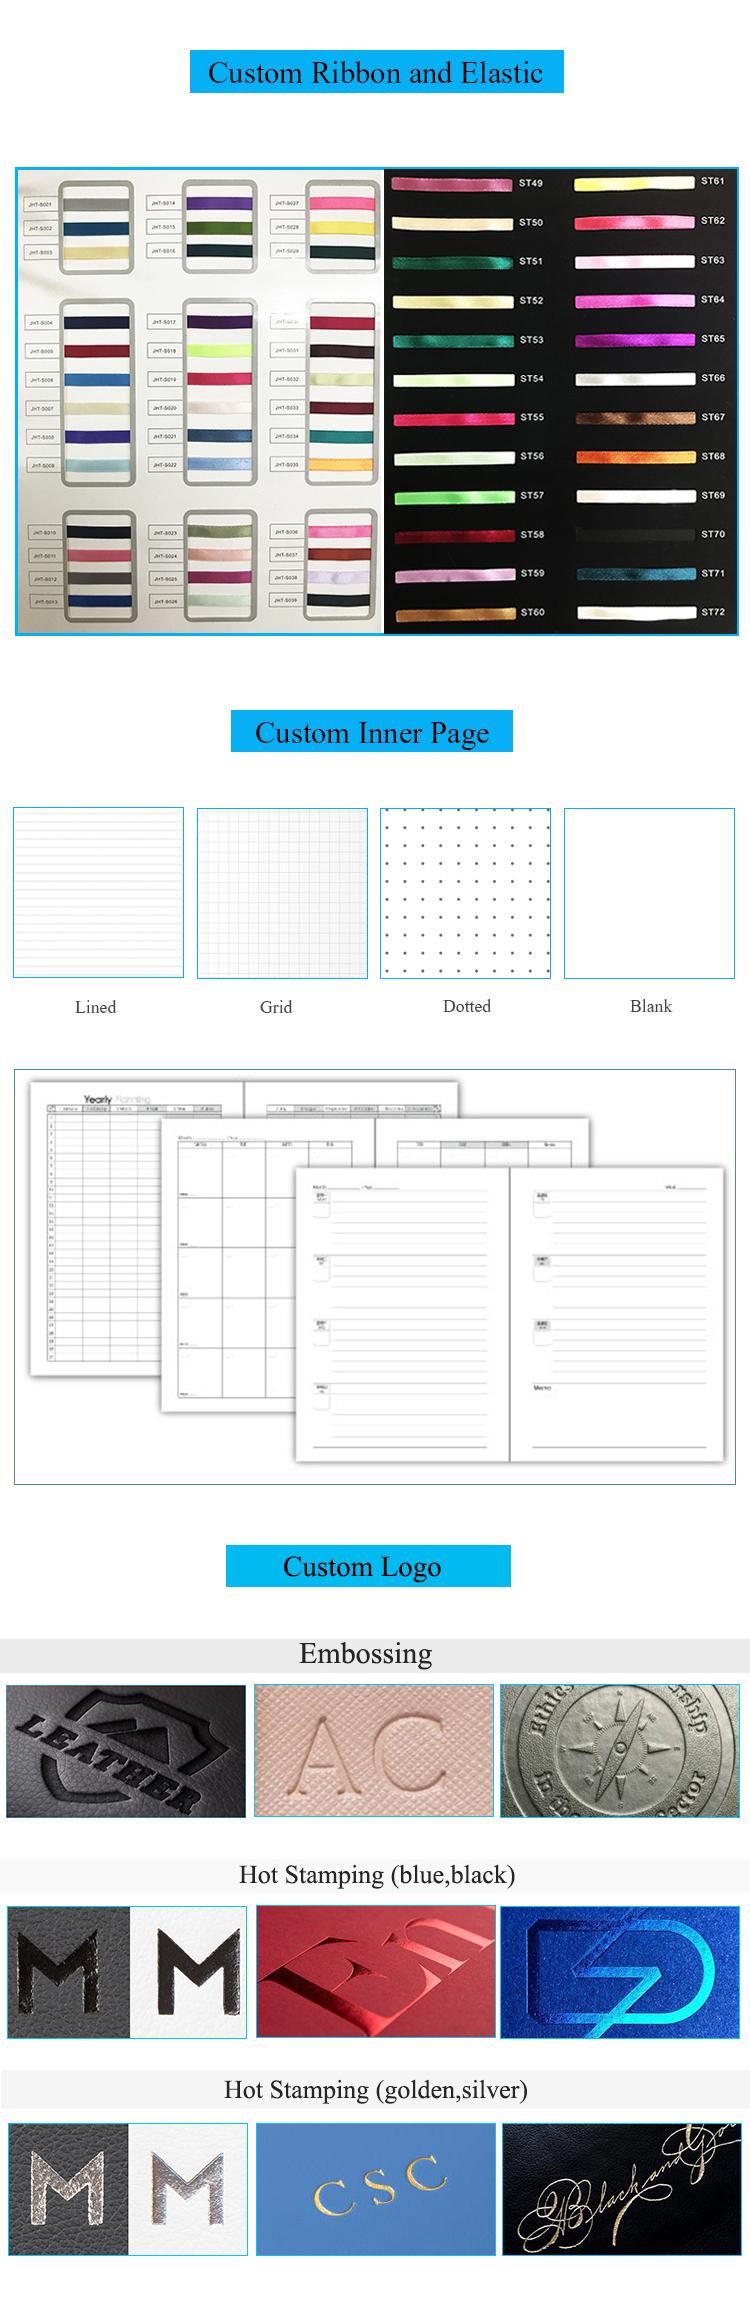 Personalizzato Hardcoevr lamina d'oro matrimonio ultima planner notebook stampa